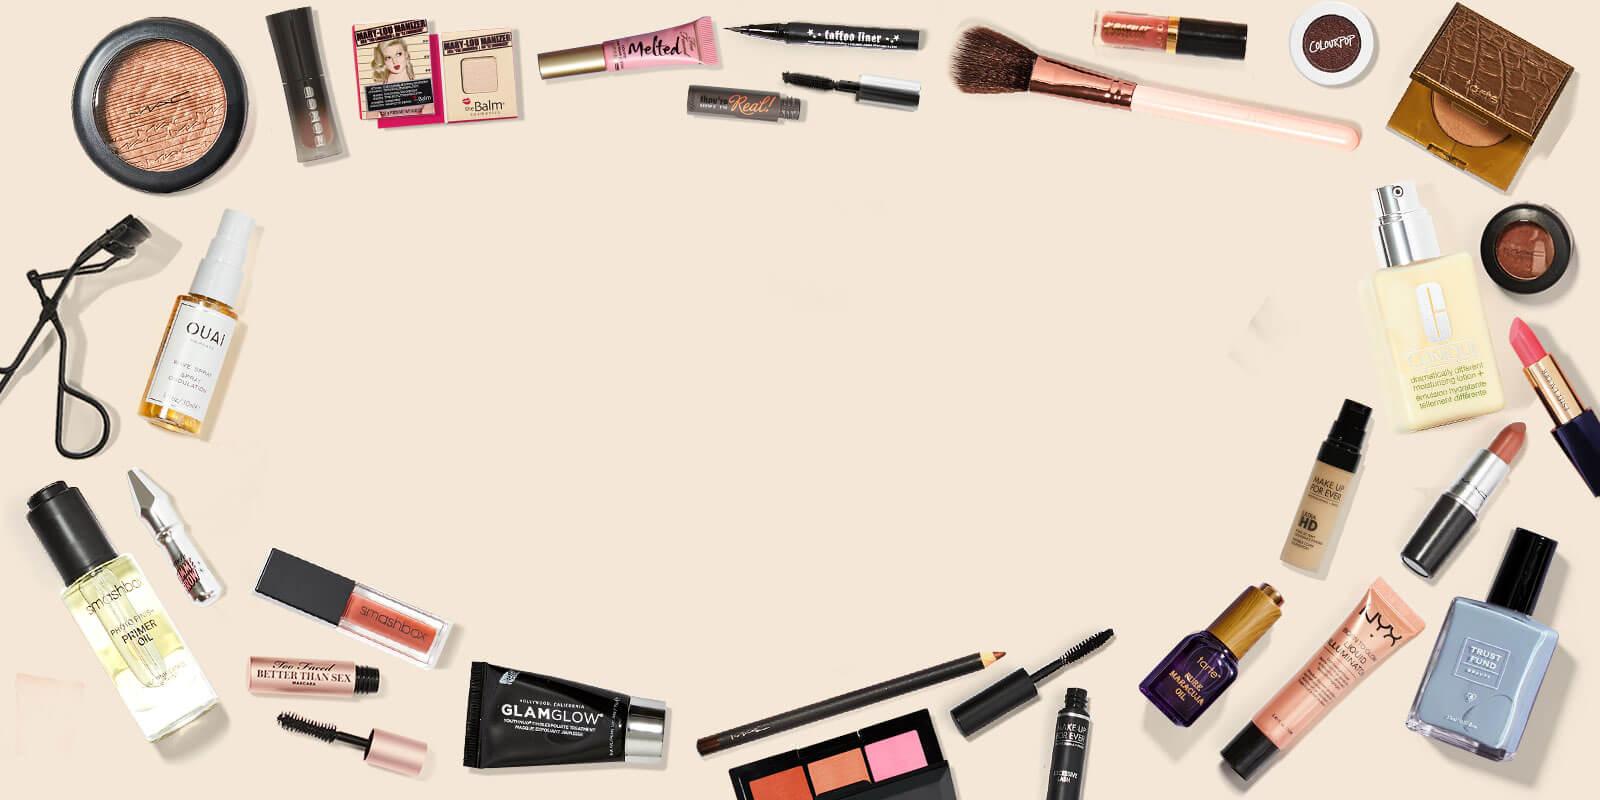 The Most Rewarding Beauty Membership